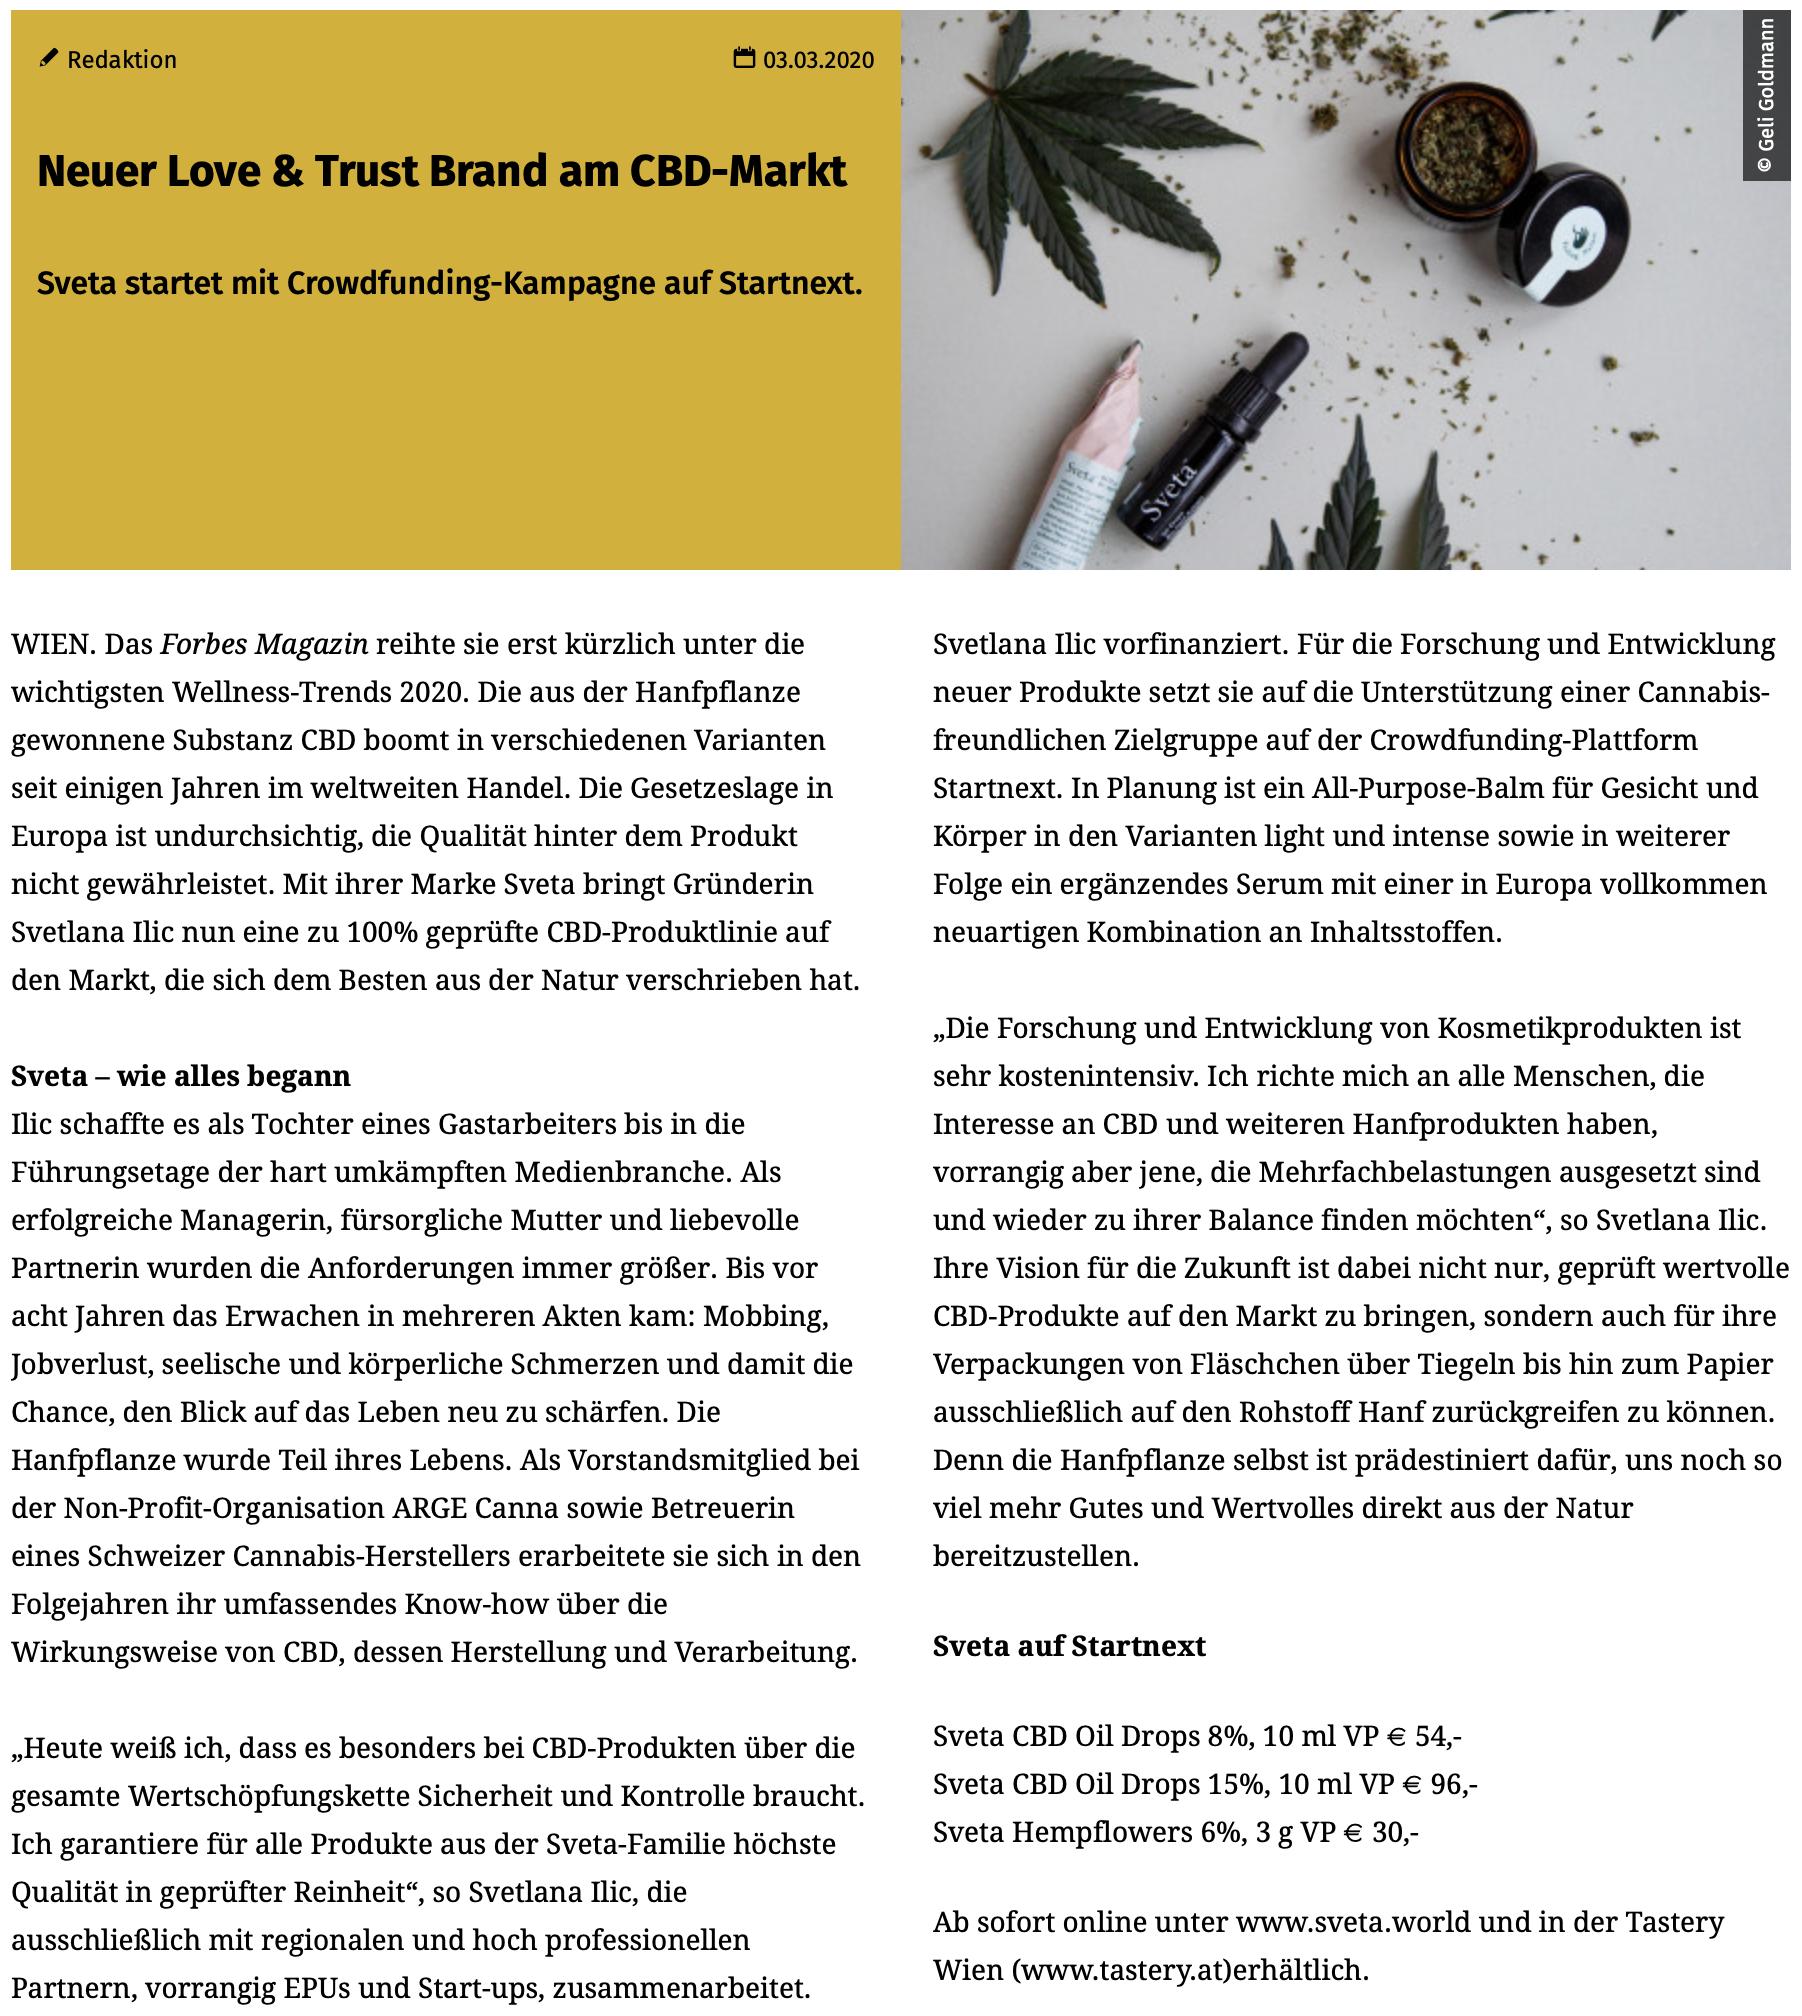 Love & Trust & Startext - medianet greift die Sveta Themen der ersten Stunde auf und erzählt unsere Geschichte. Wie alles begann und wie es weitergehen kann.